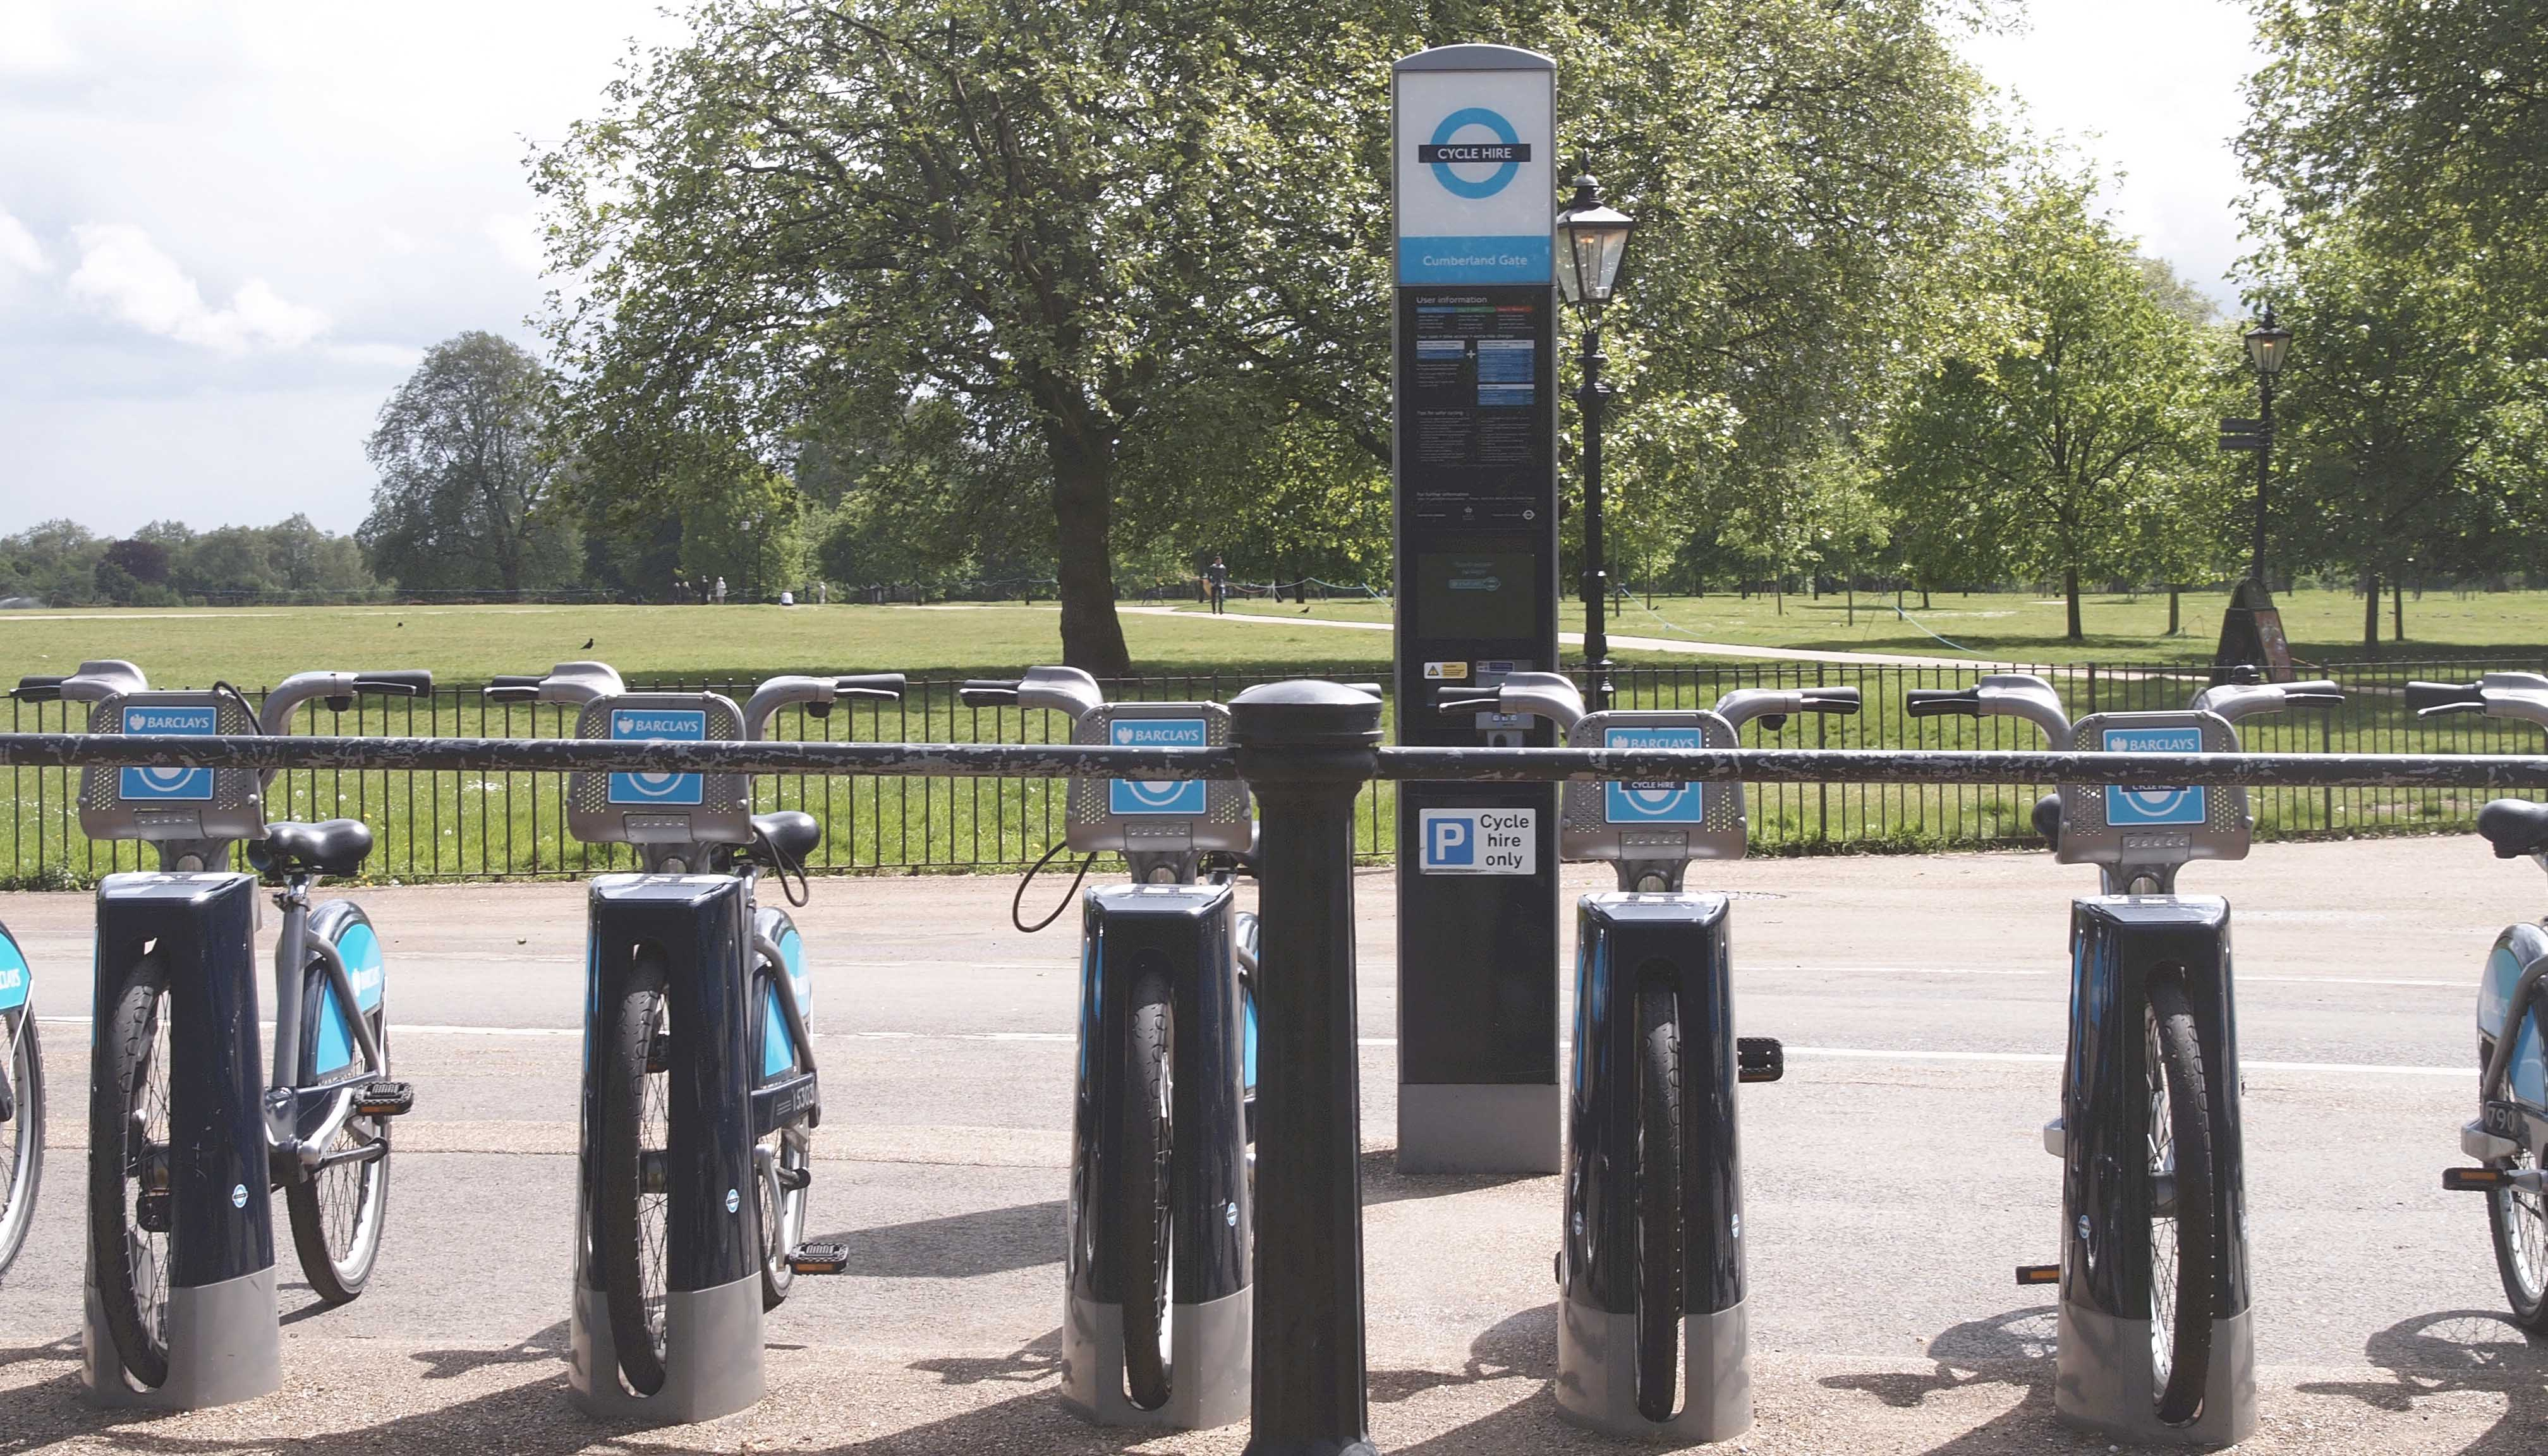 Barclays bikes